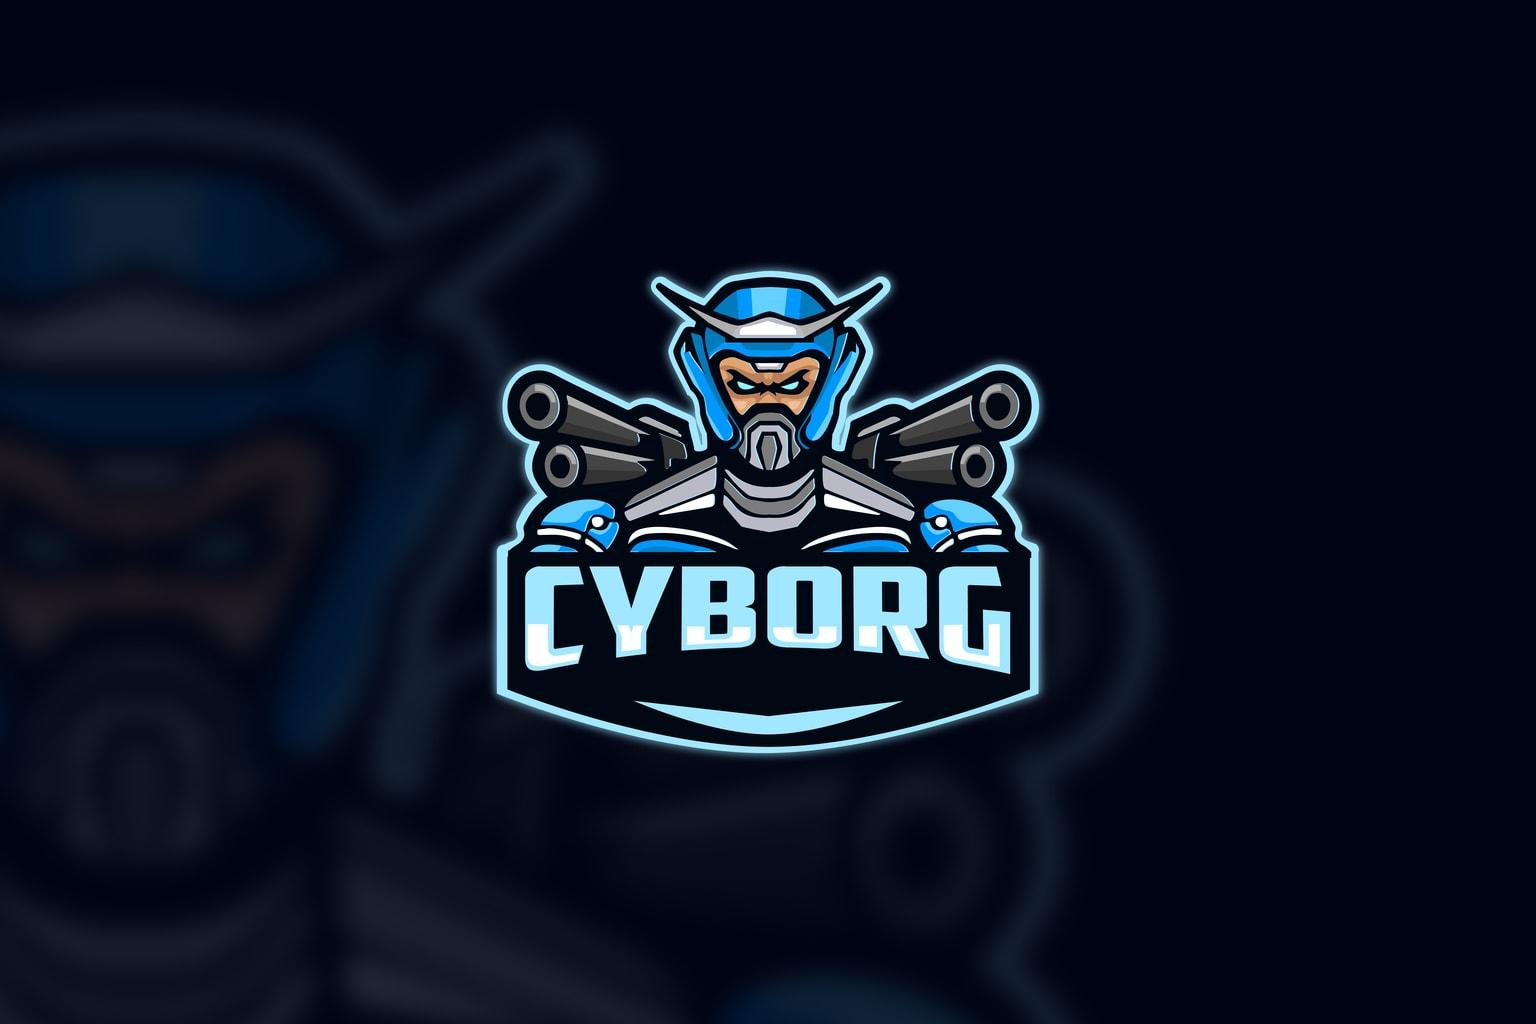 esport logo armed cyborg